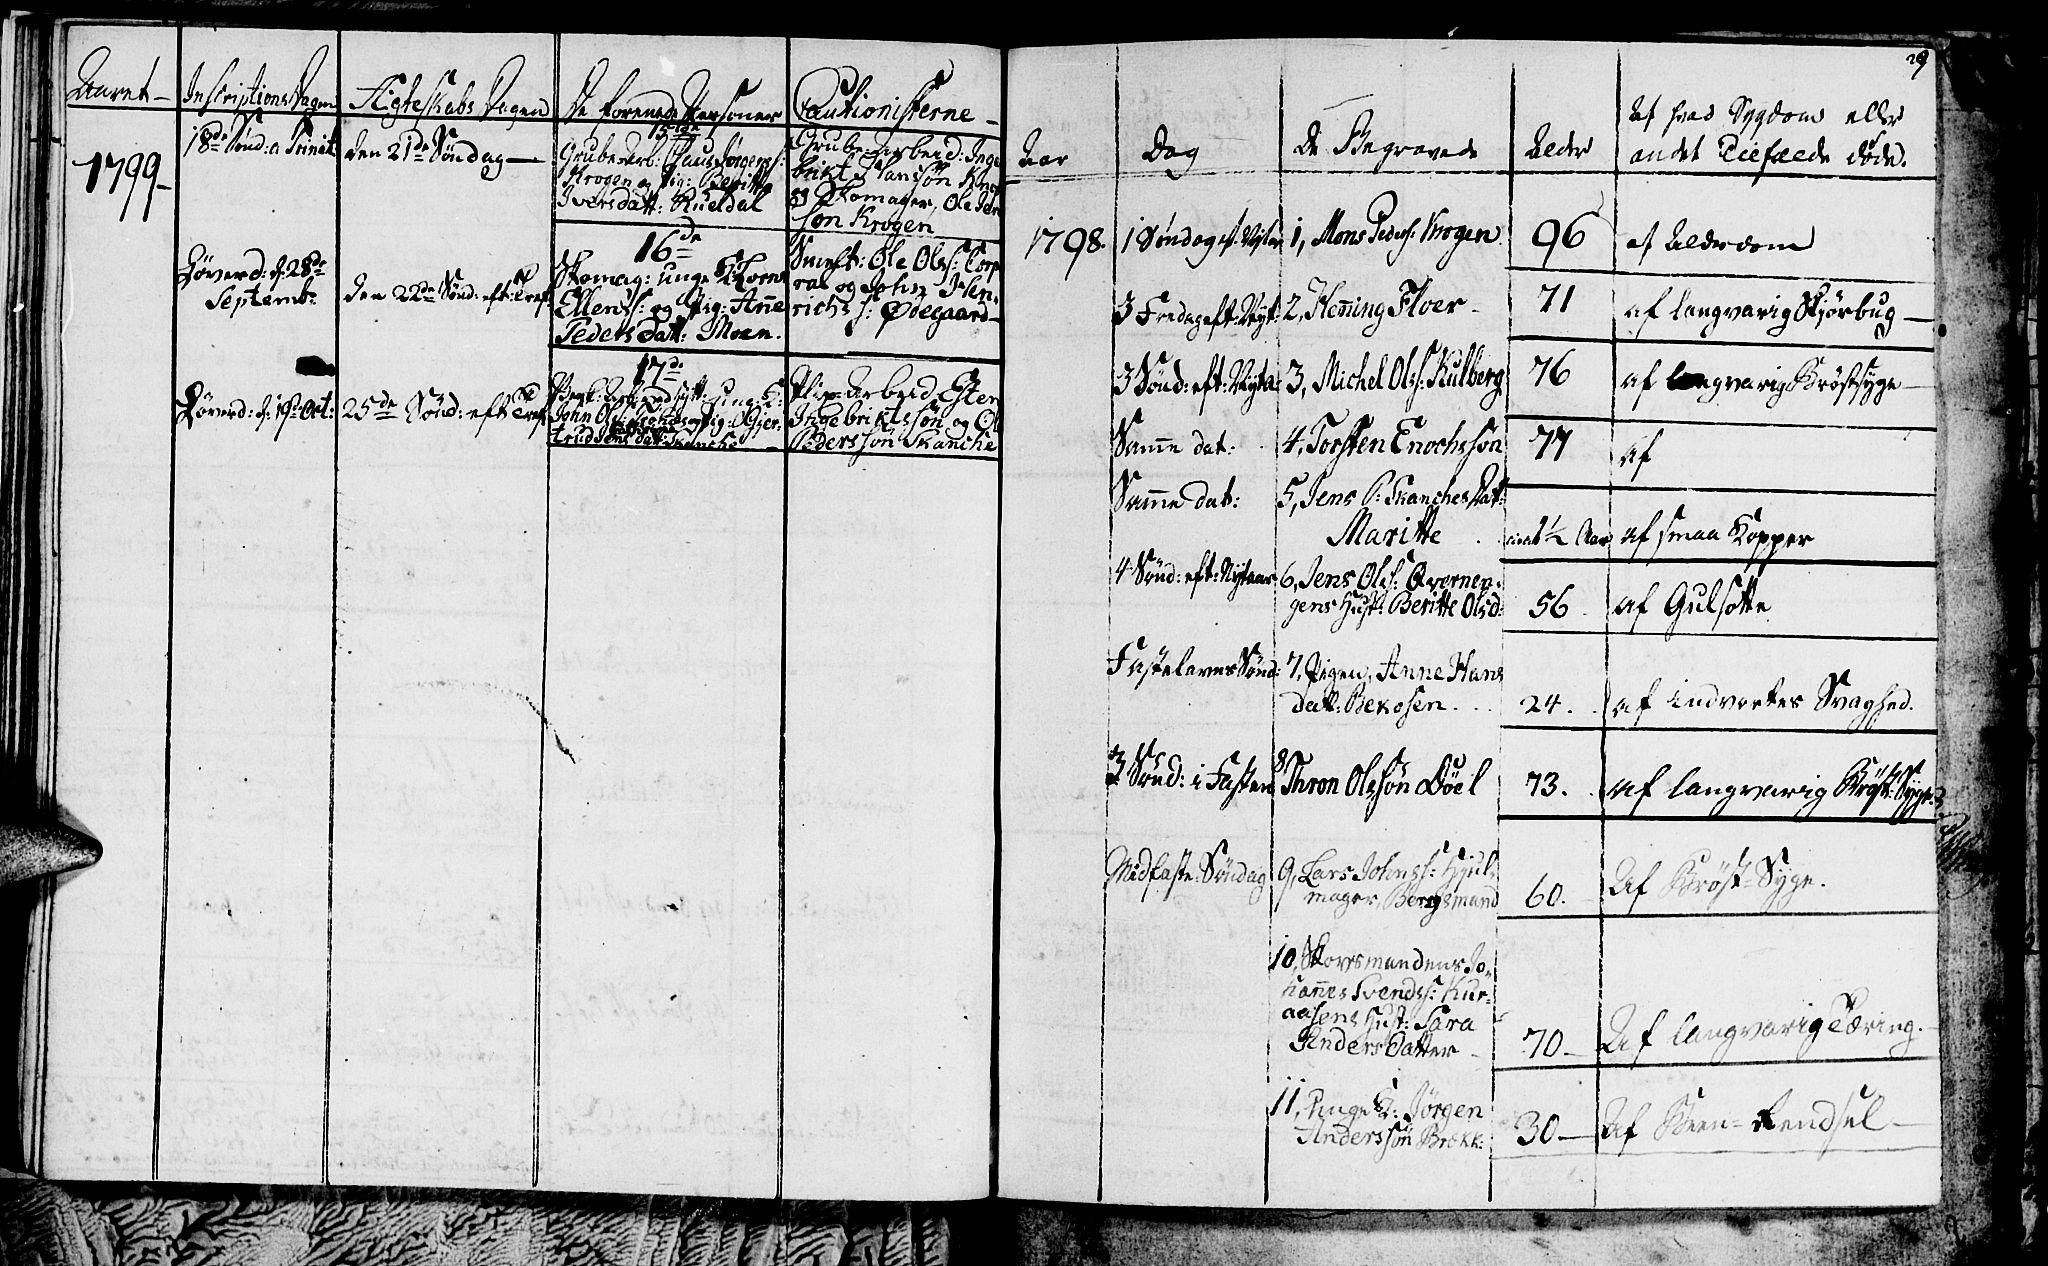 SAT, Ministerialprotokoller, klokkerbøker og fødselsregistre - Sør-Trøndelag, 681/L0937: Klokkerbok nr. 681C01, 1798-1810, s. 29